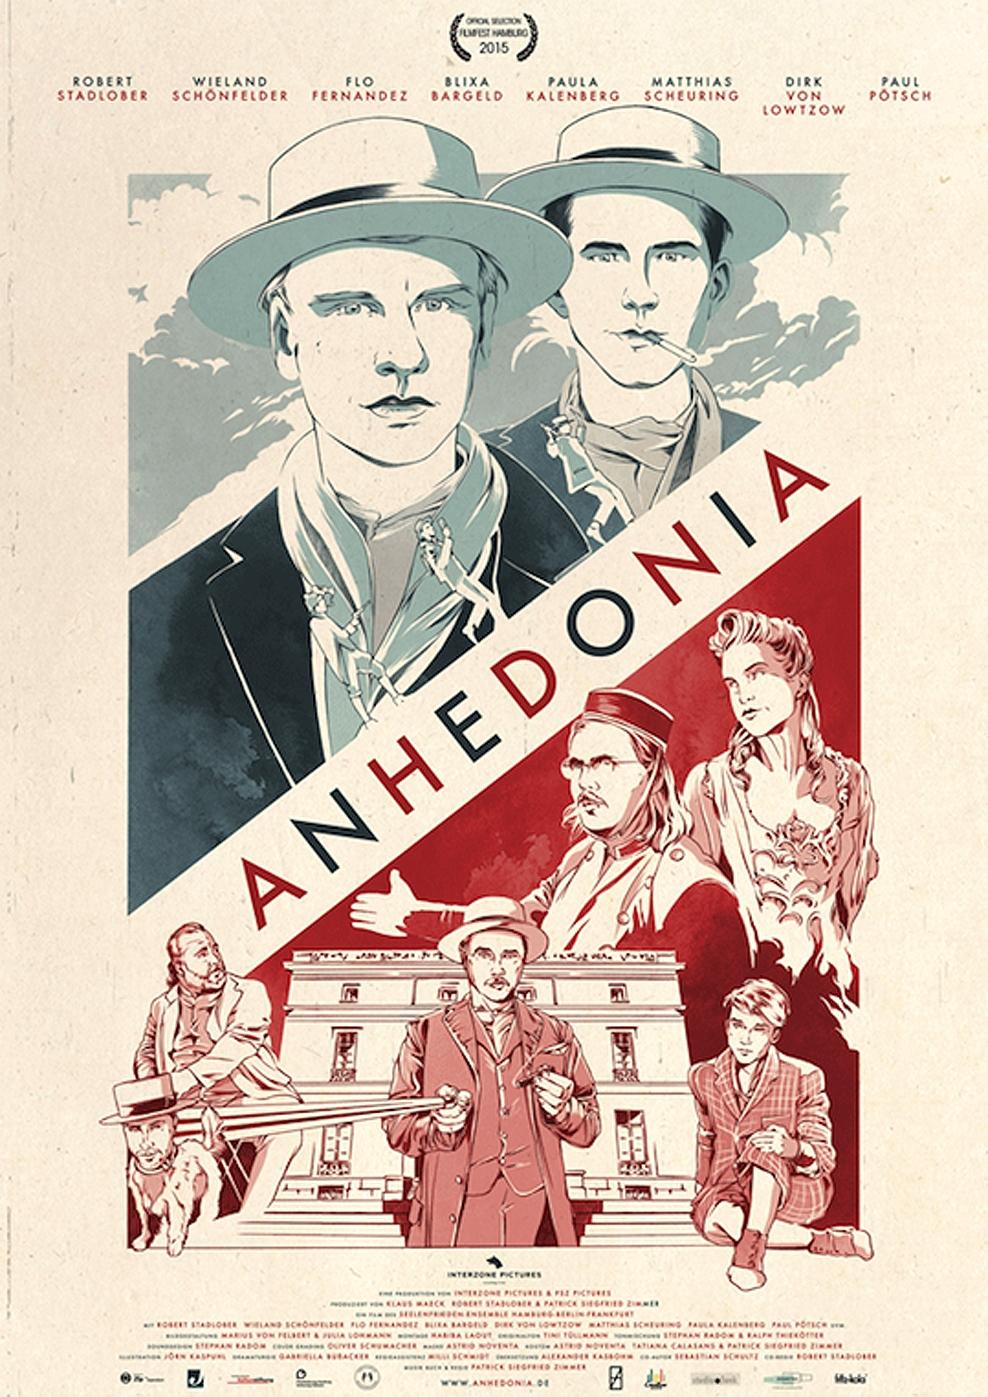 Anhedonia - Narzissmus als Narkose (Poster)